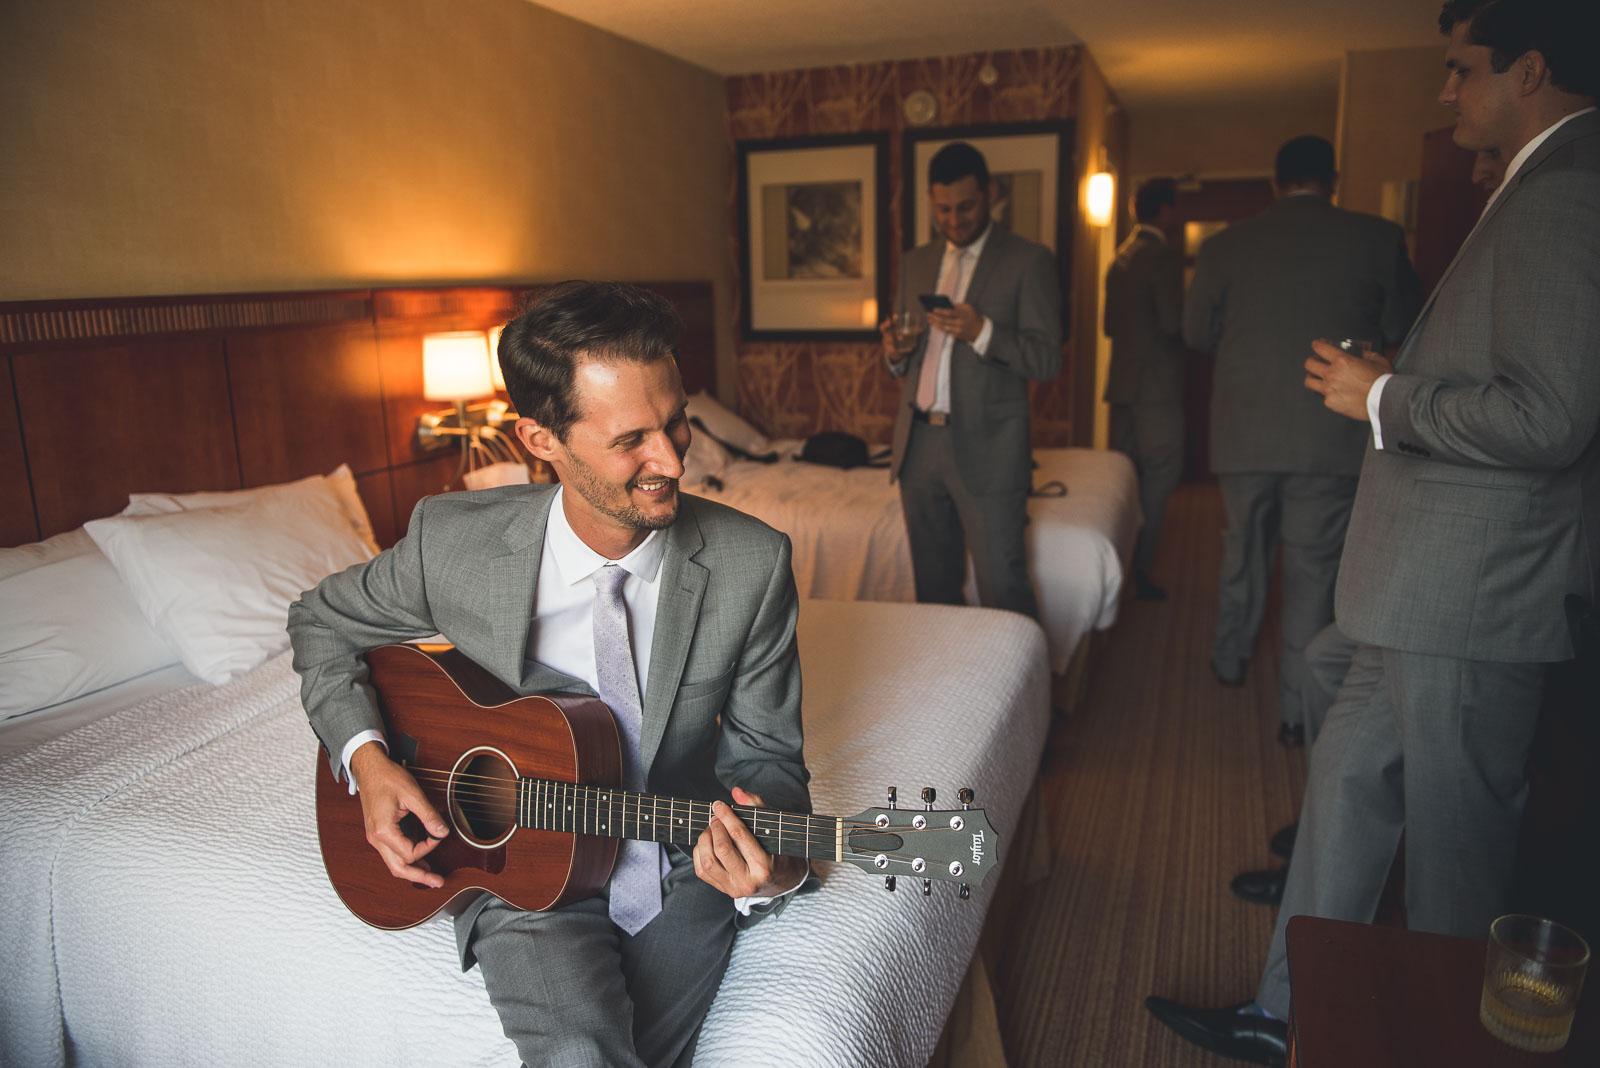 Groom plays guitar